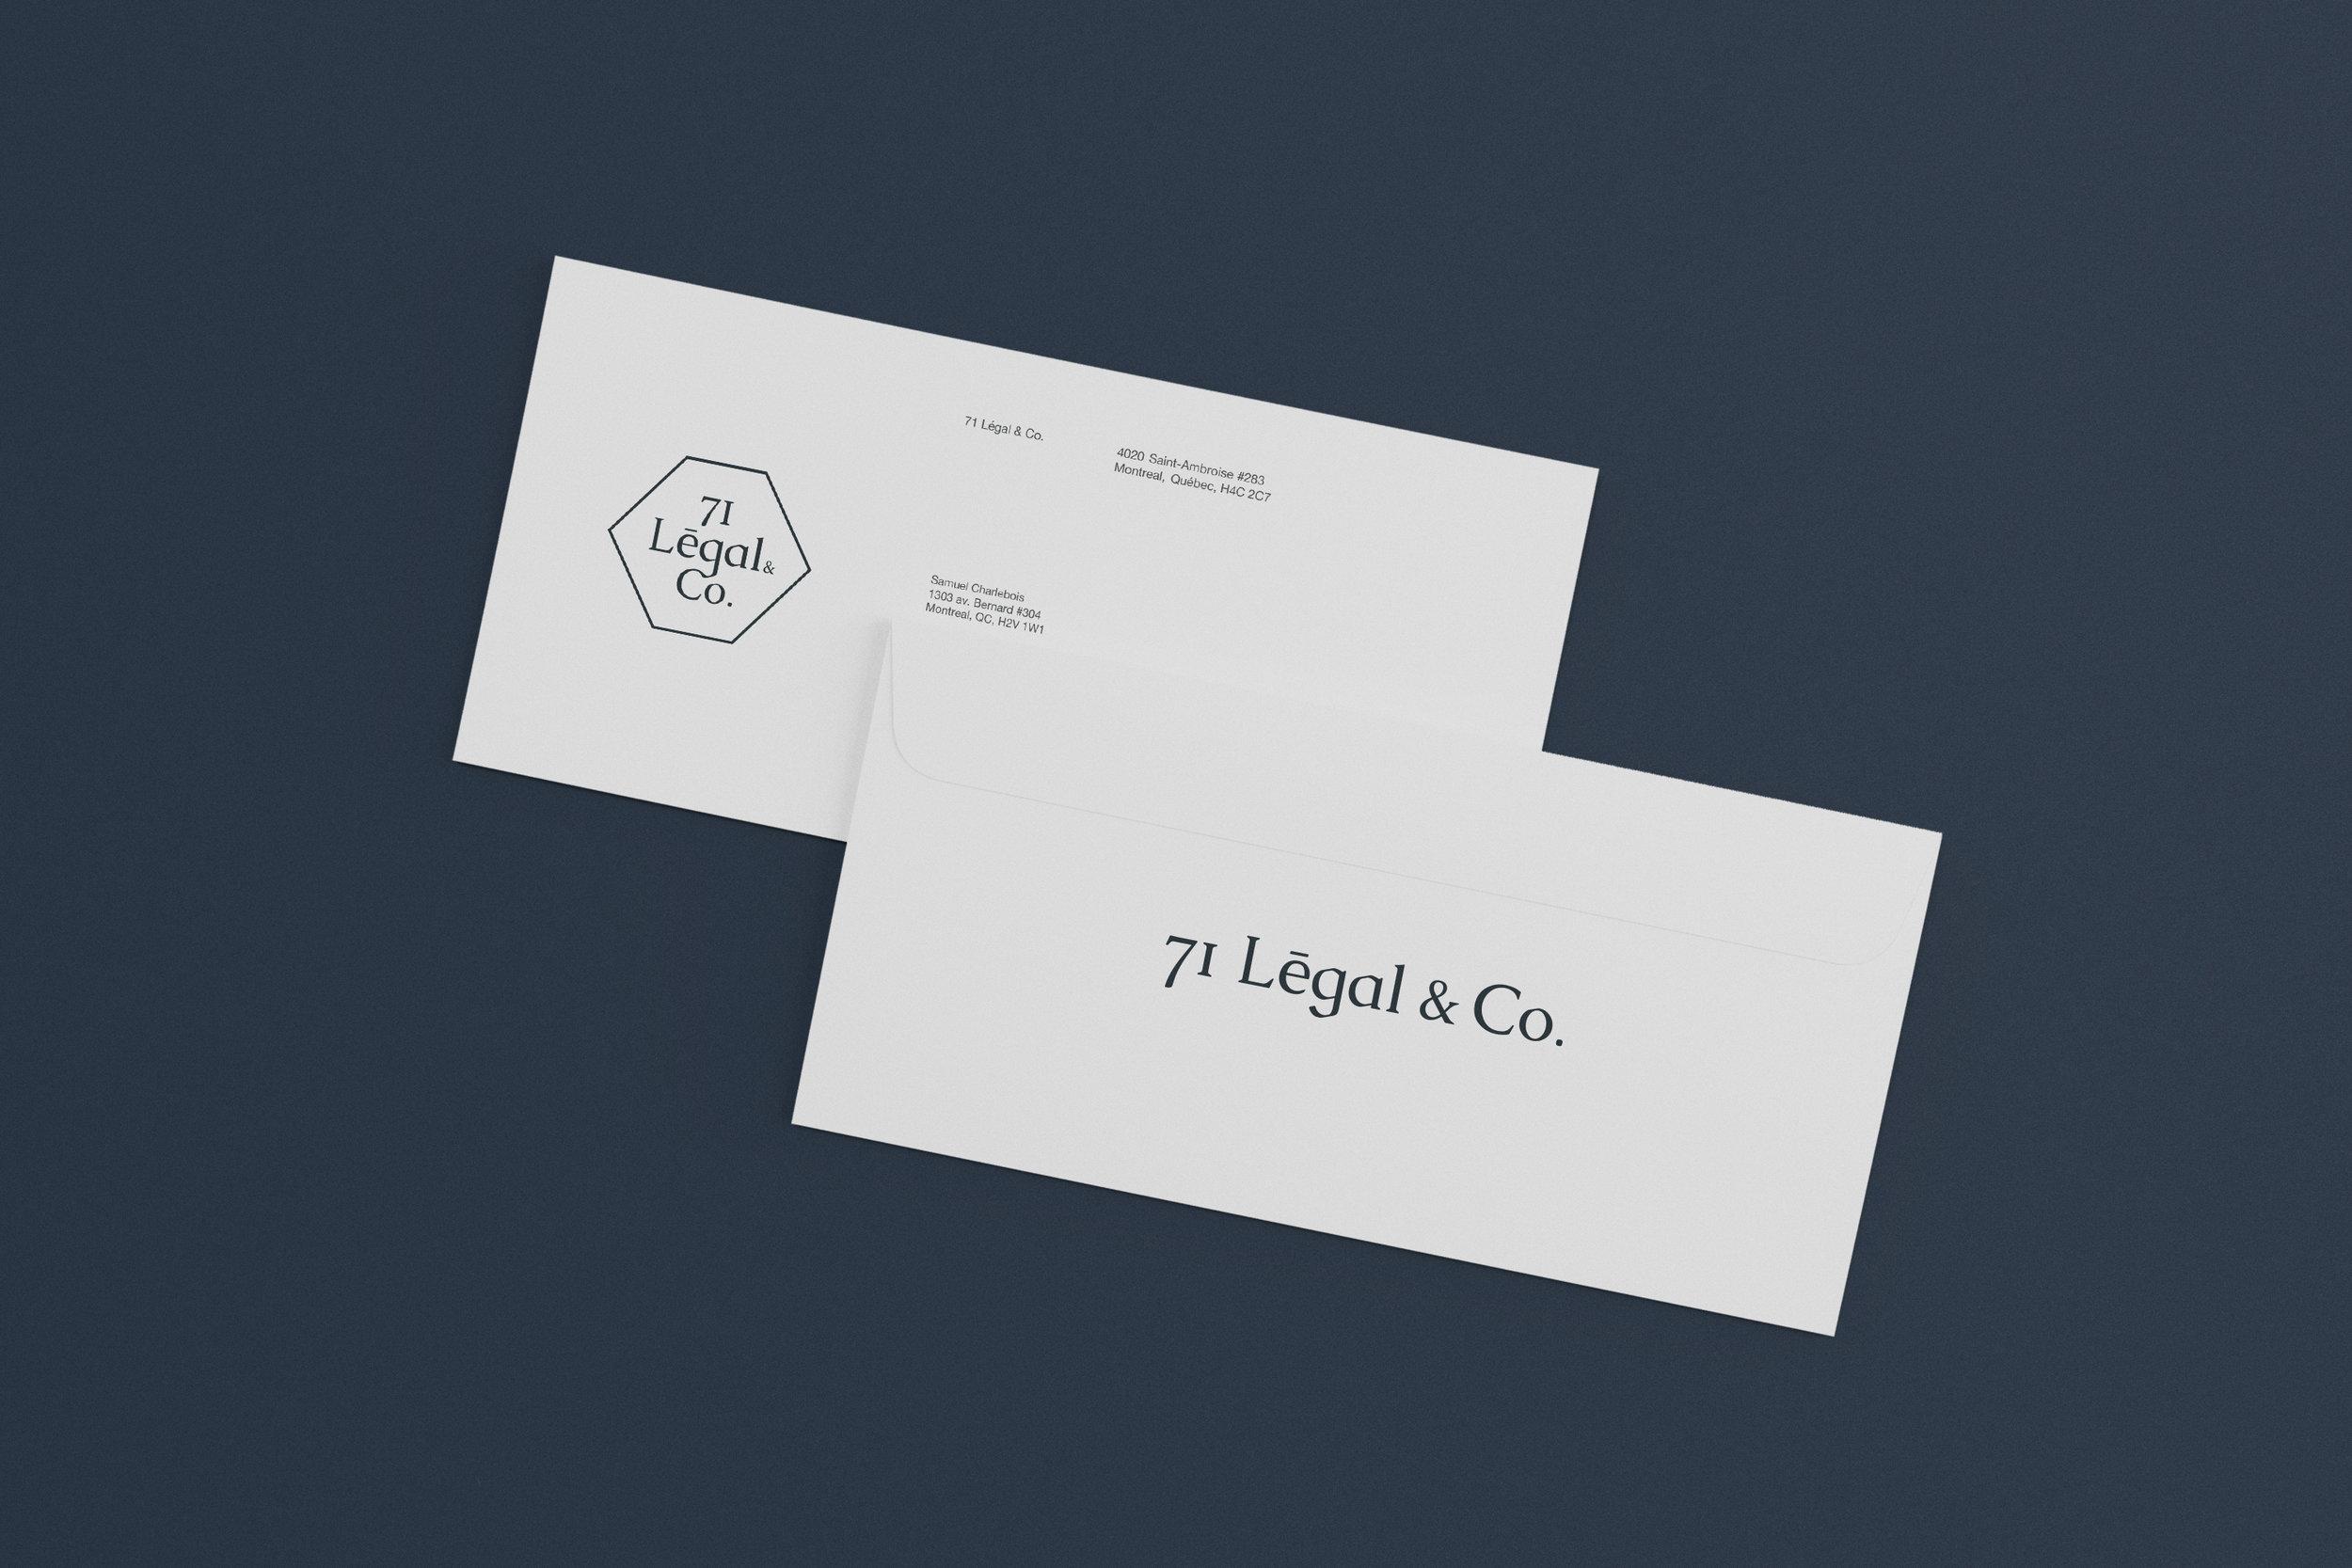 71 Legal & Co.